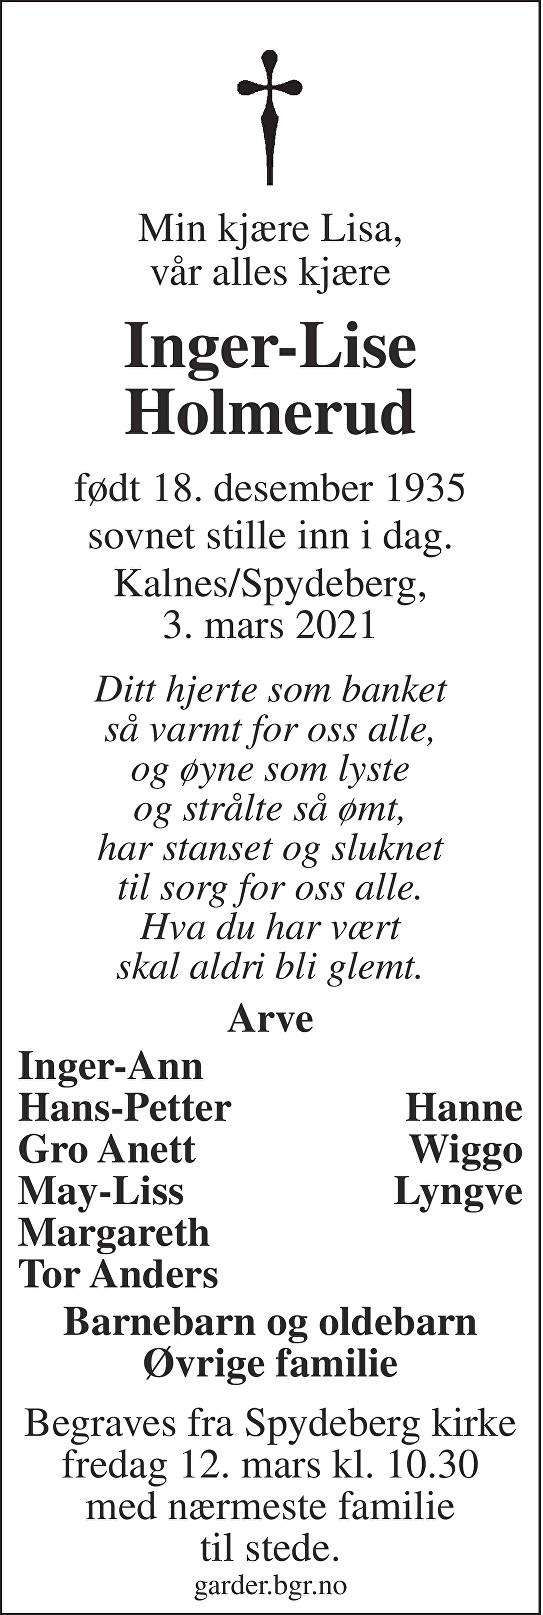 Inger-Lise Holmerud Dødsannonse